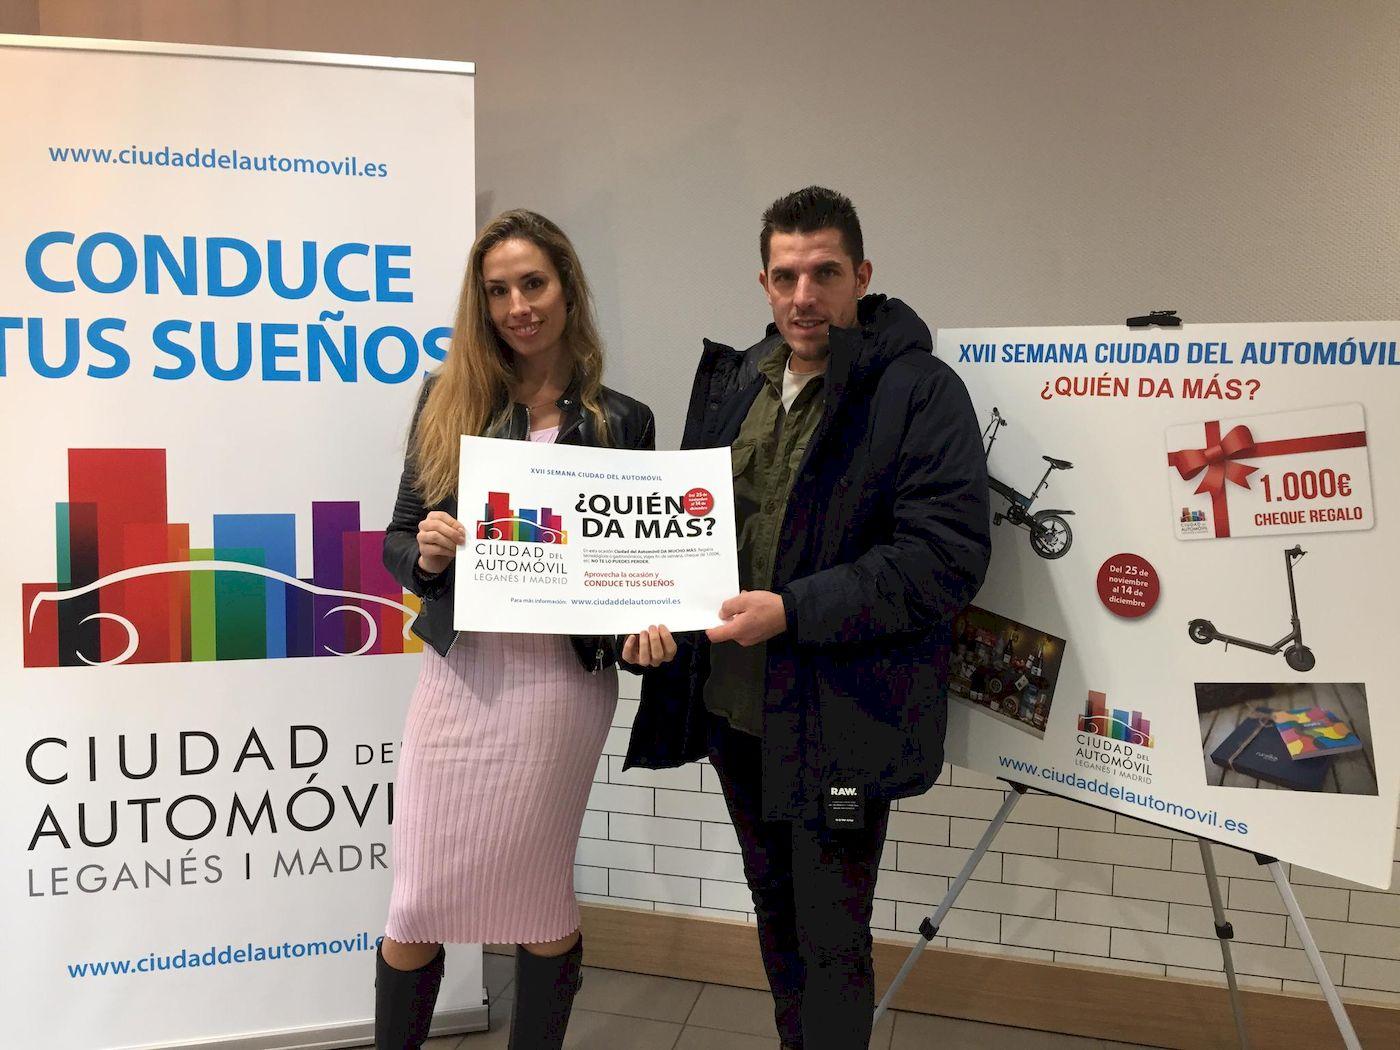 Entrega de 5 regalos a los ganadores de la XVII SEMANA CIUDAD DEL AUTOMÓVIL